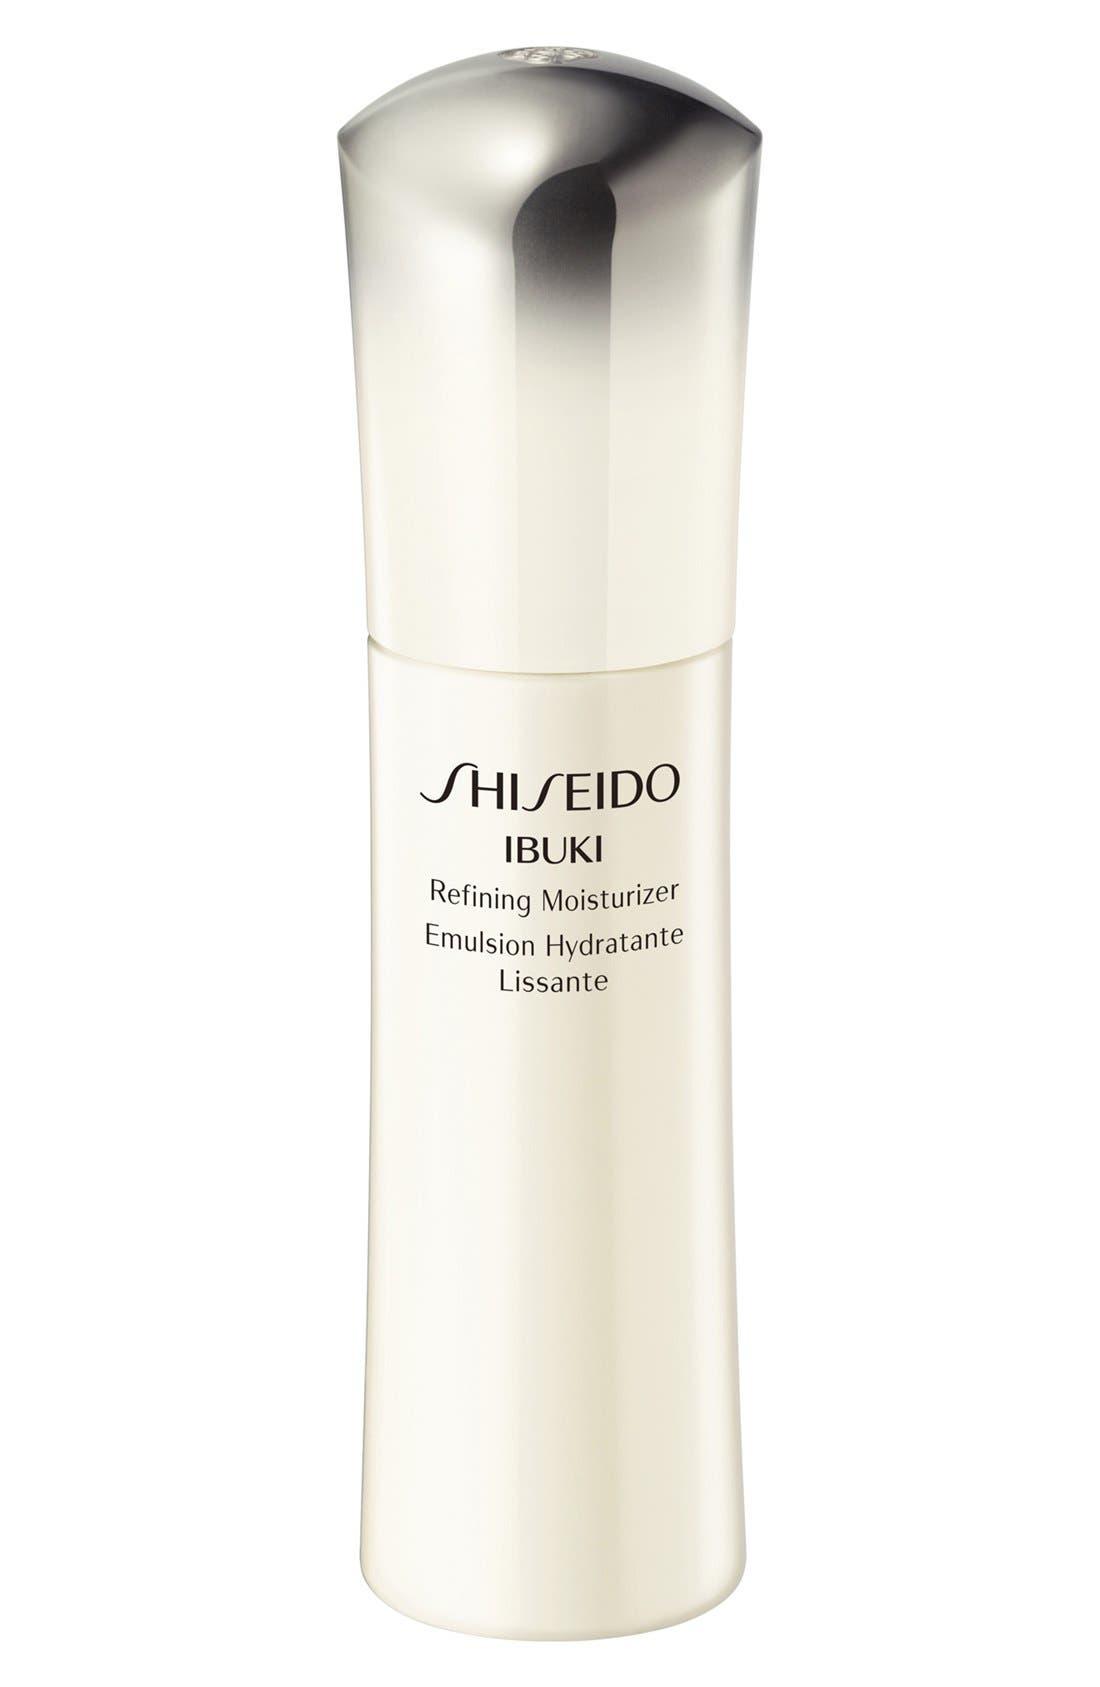 Shiseido 'Ibuki' Refining Moisturizer